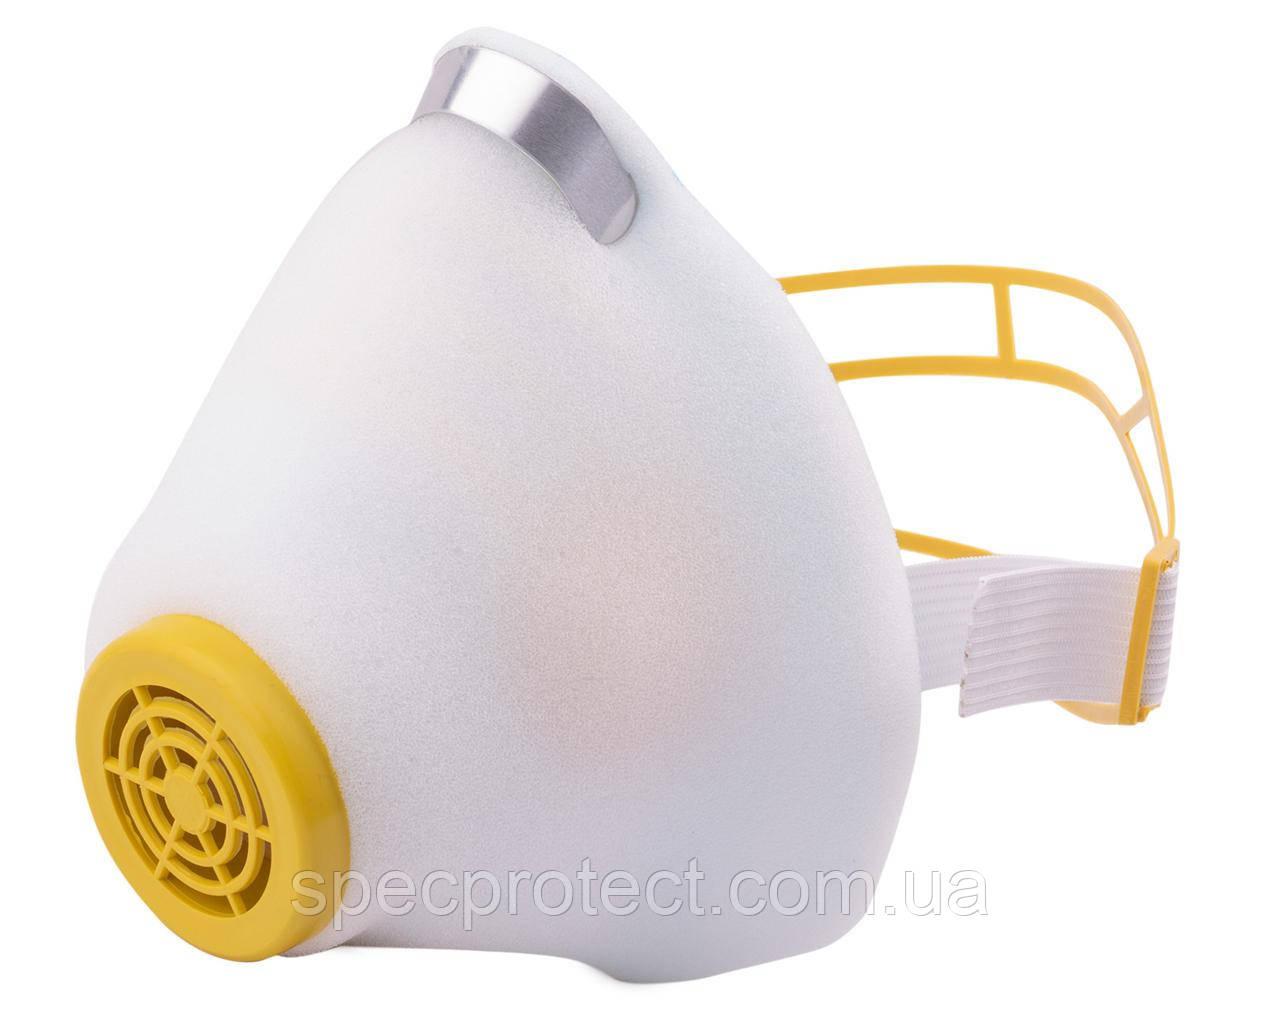 Респиратор У2К  высший сорт без клеёнки внутри